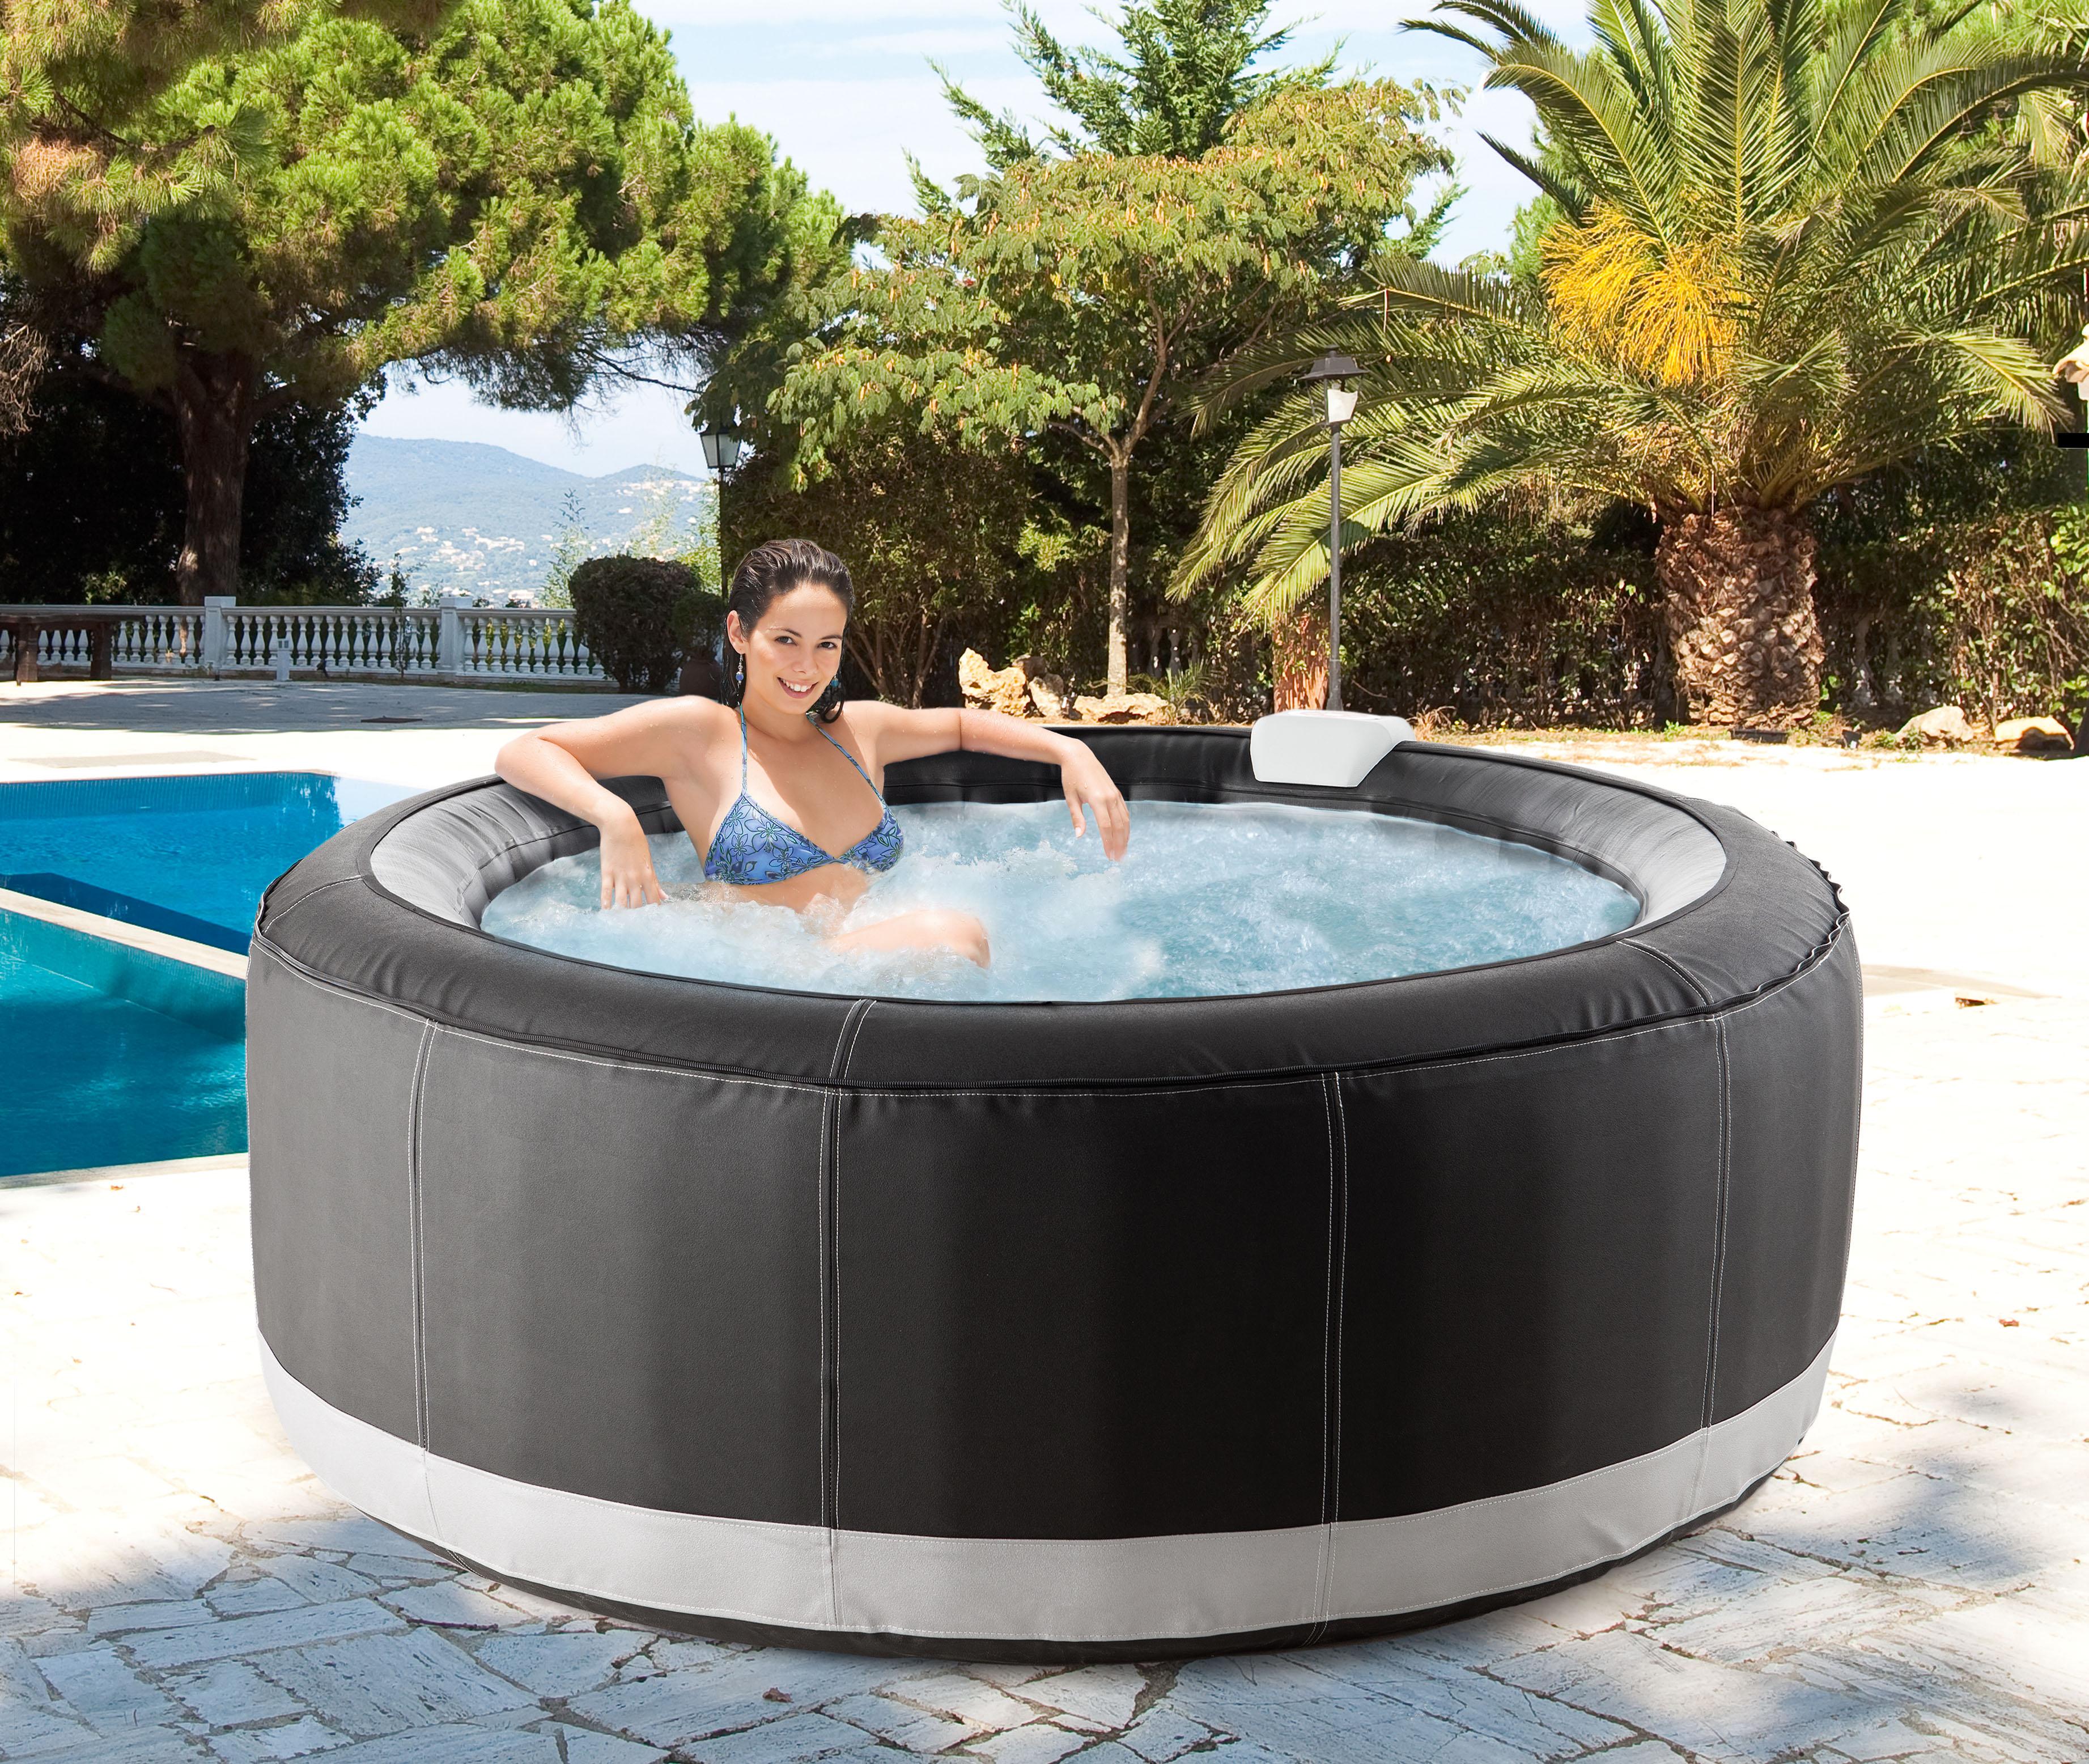 opter pour un spa gonflable pour votre ext rieur une bonne id e d co r novation et travaux. Black Bedroom Furniture Sets. Home Design Ideas